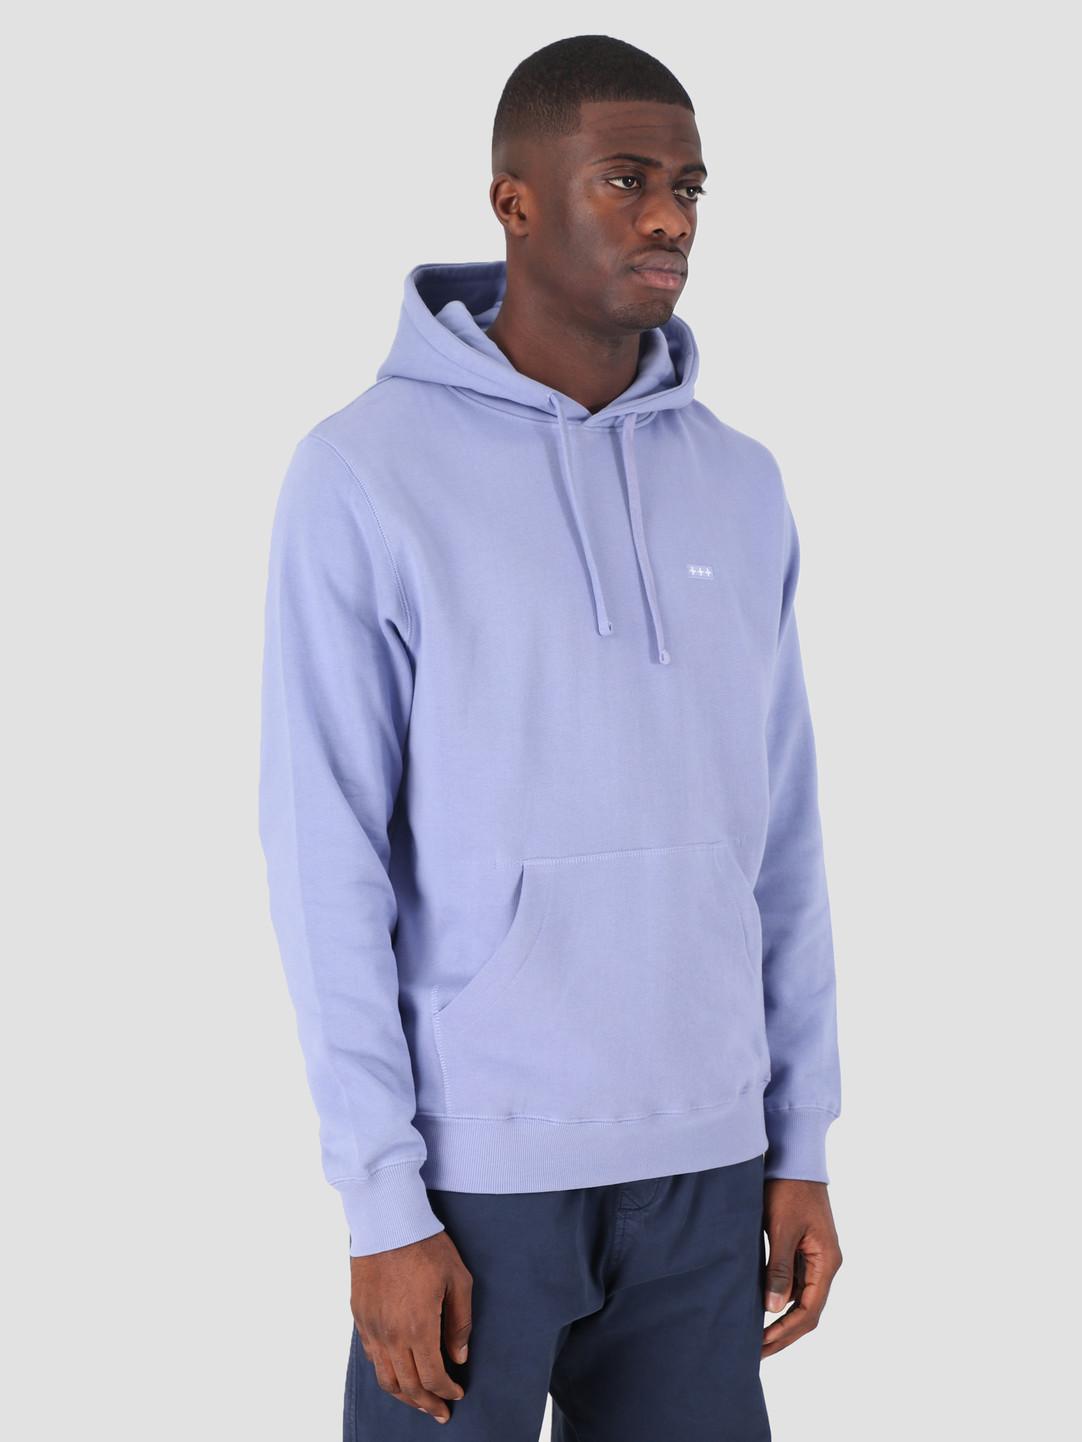 Quality Blanks Quality Blanks QB93 Patch Logo Hoodie Lavender